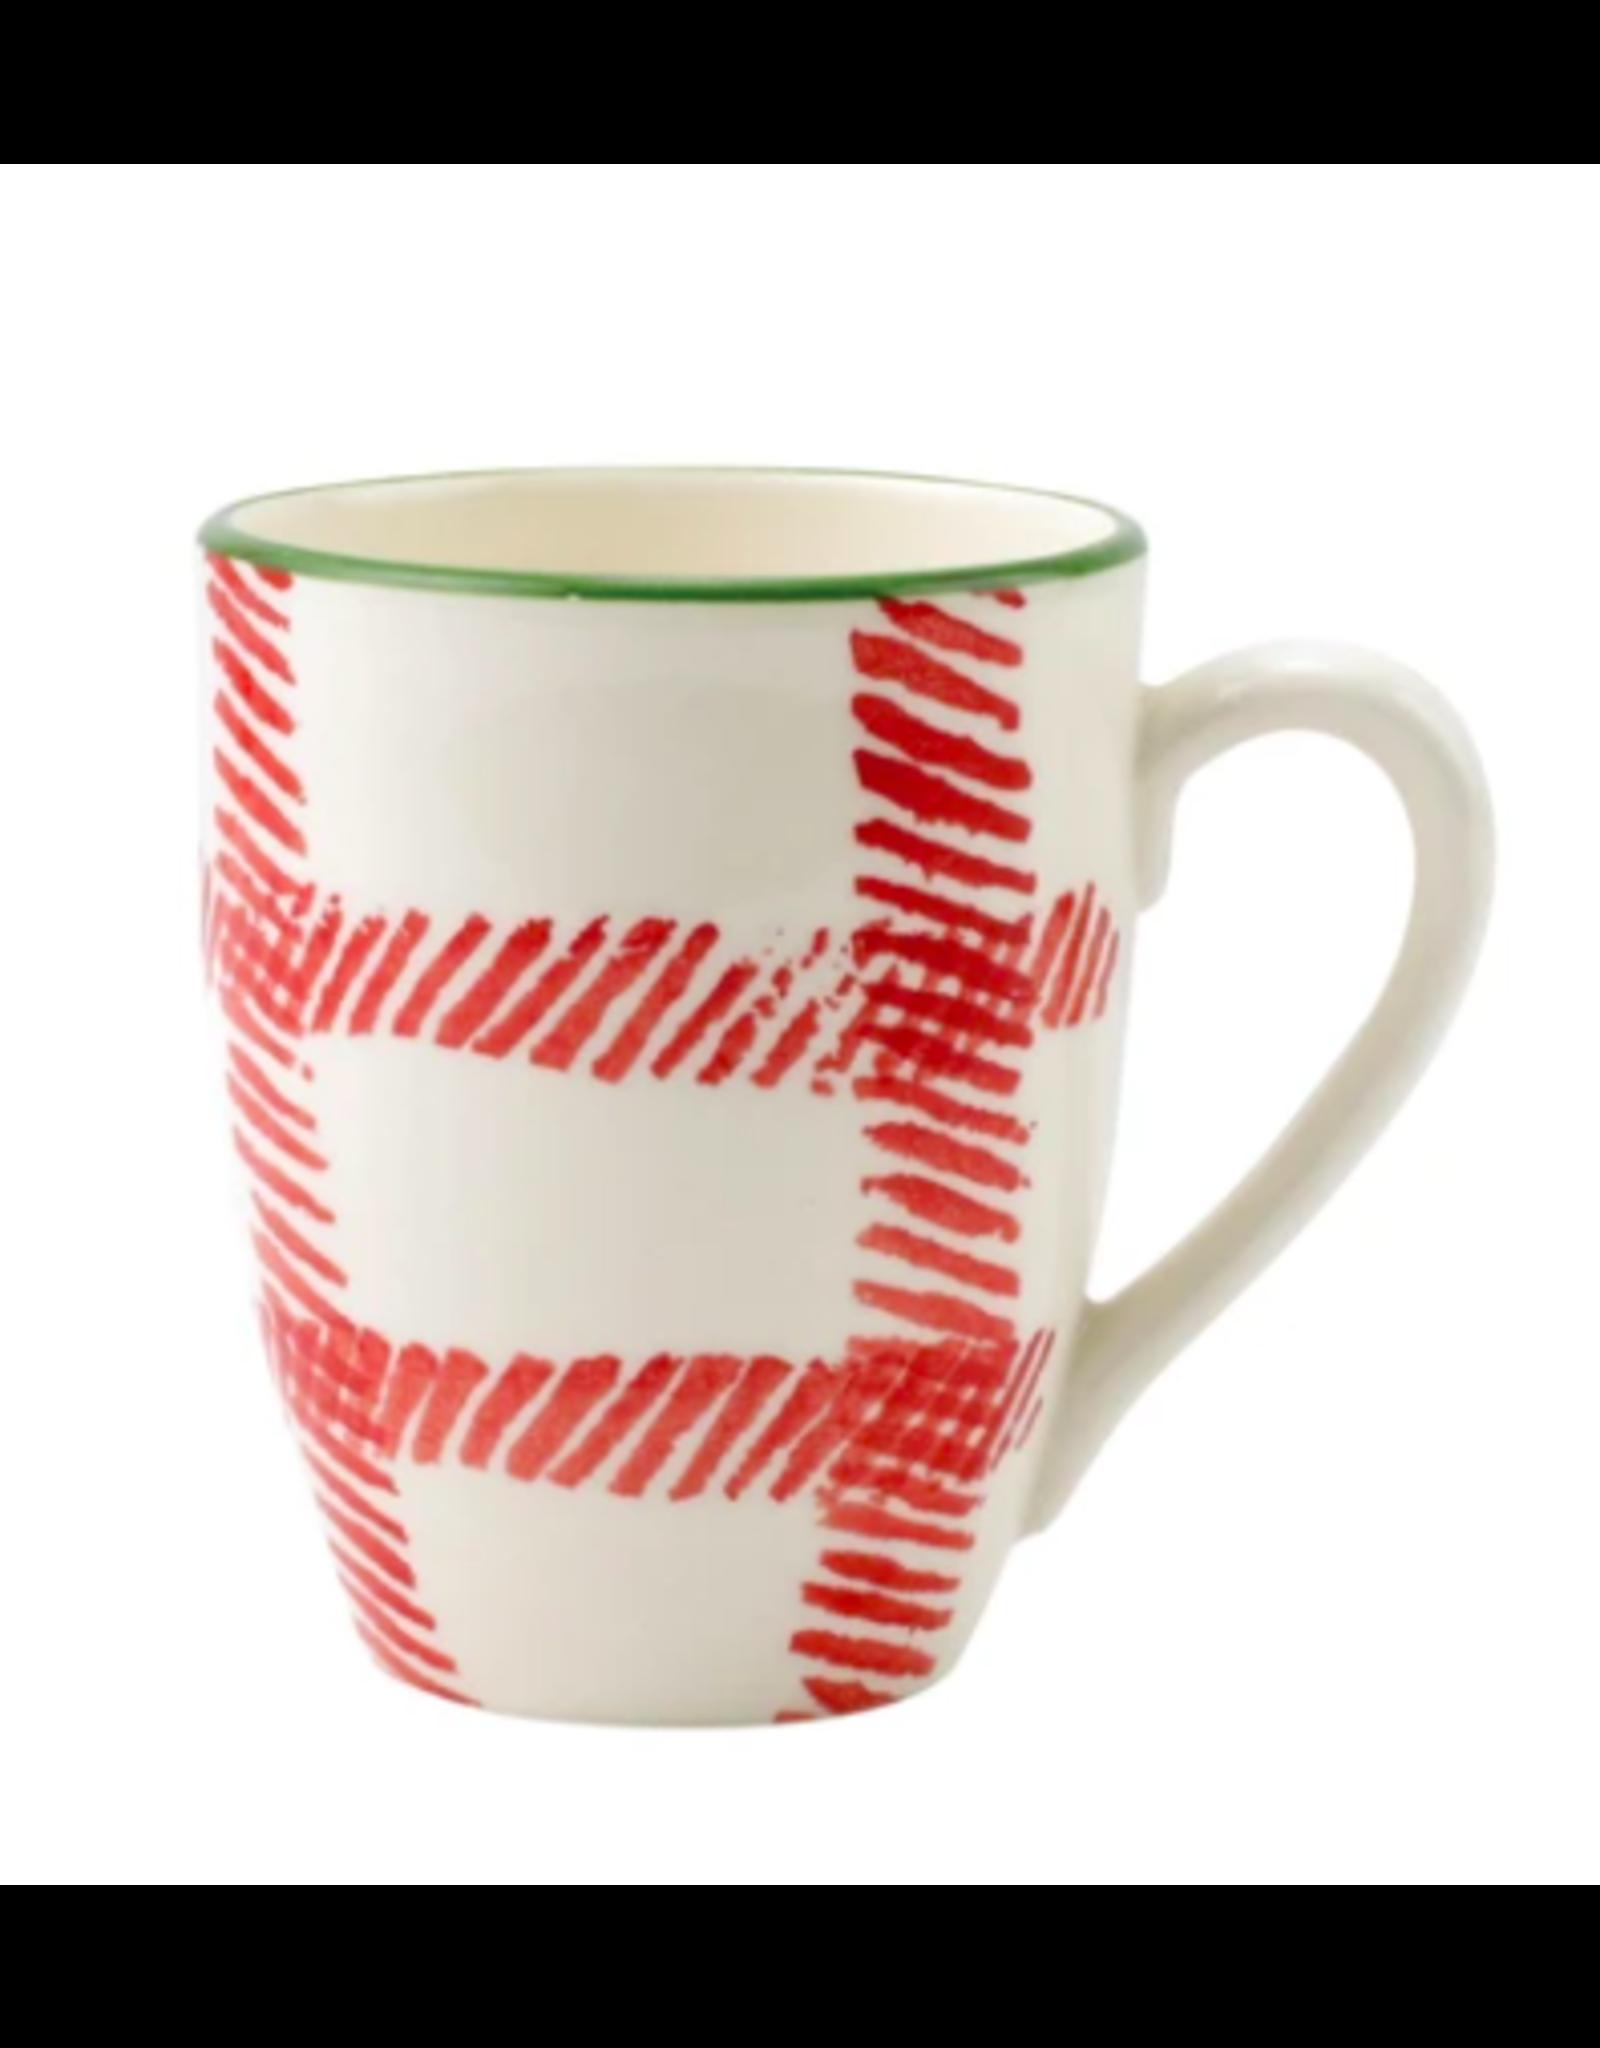 Vietri Mistletoe Plaid Mug